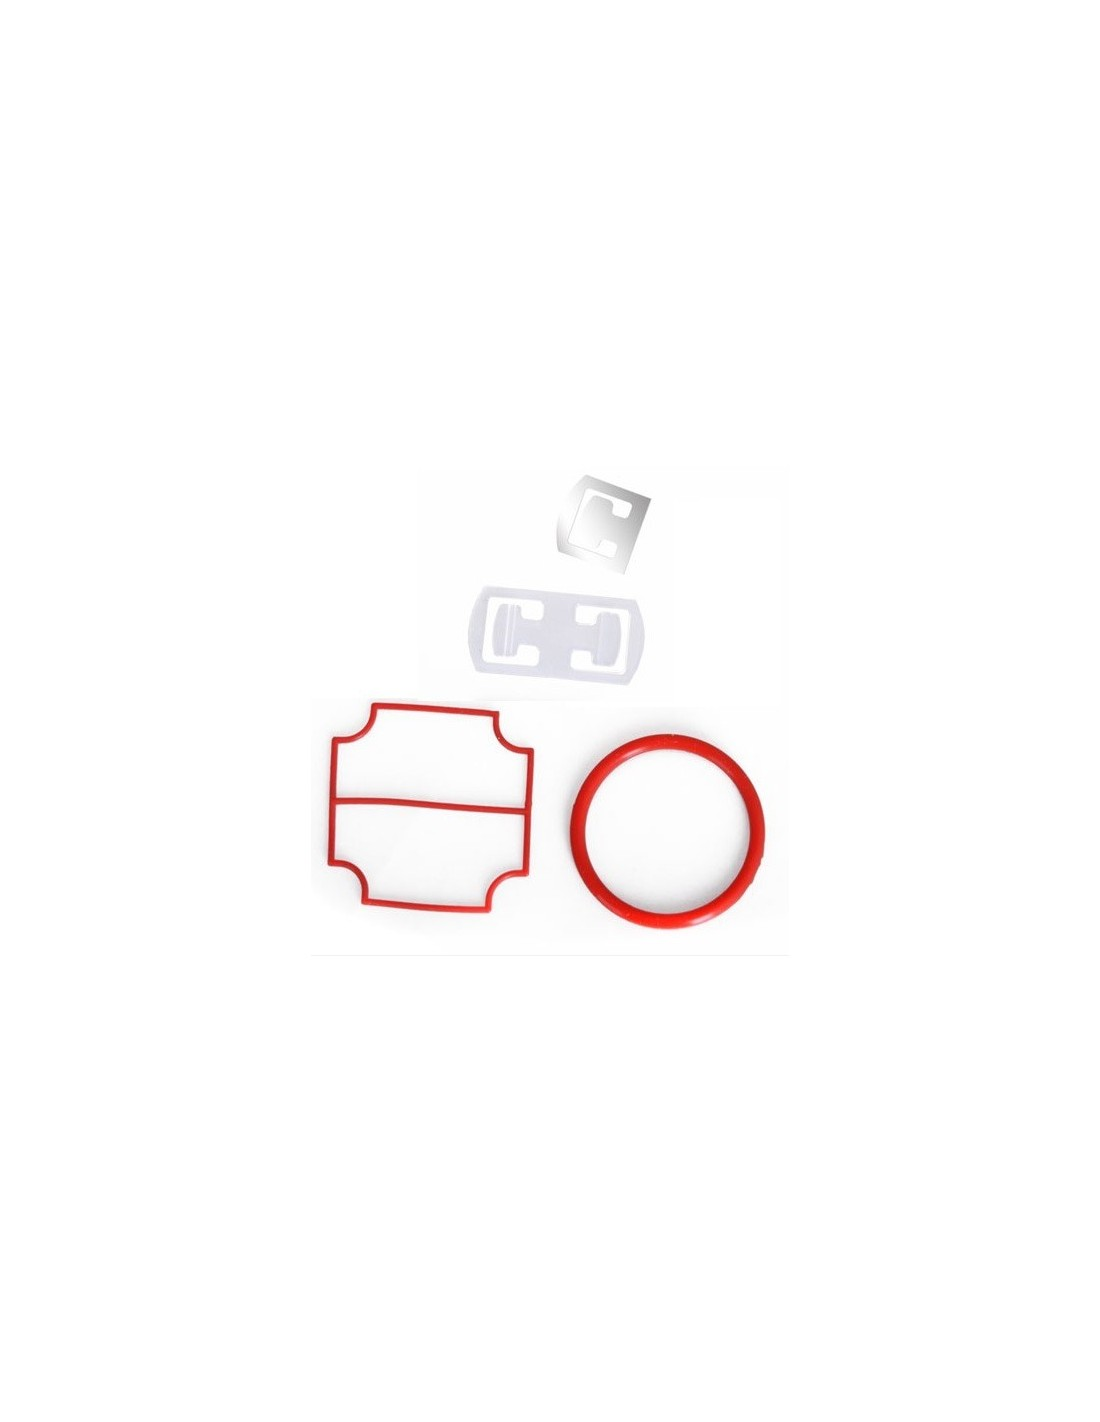 VKM02033 - Packningssats för 30RAS, 15RAS och 10RAS